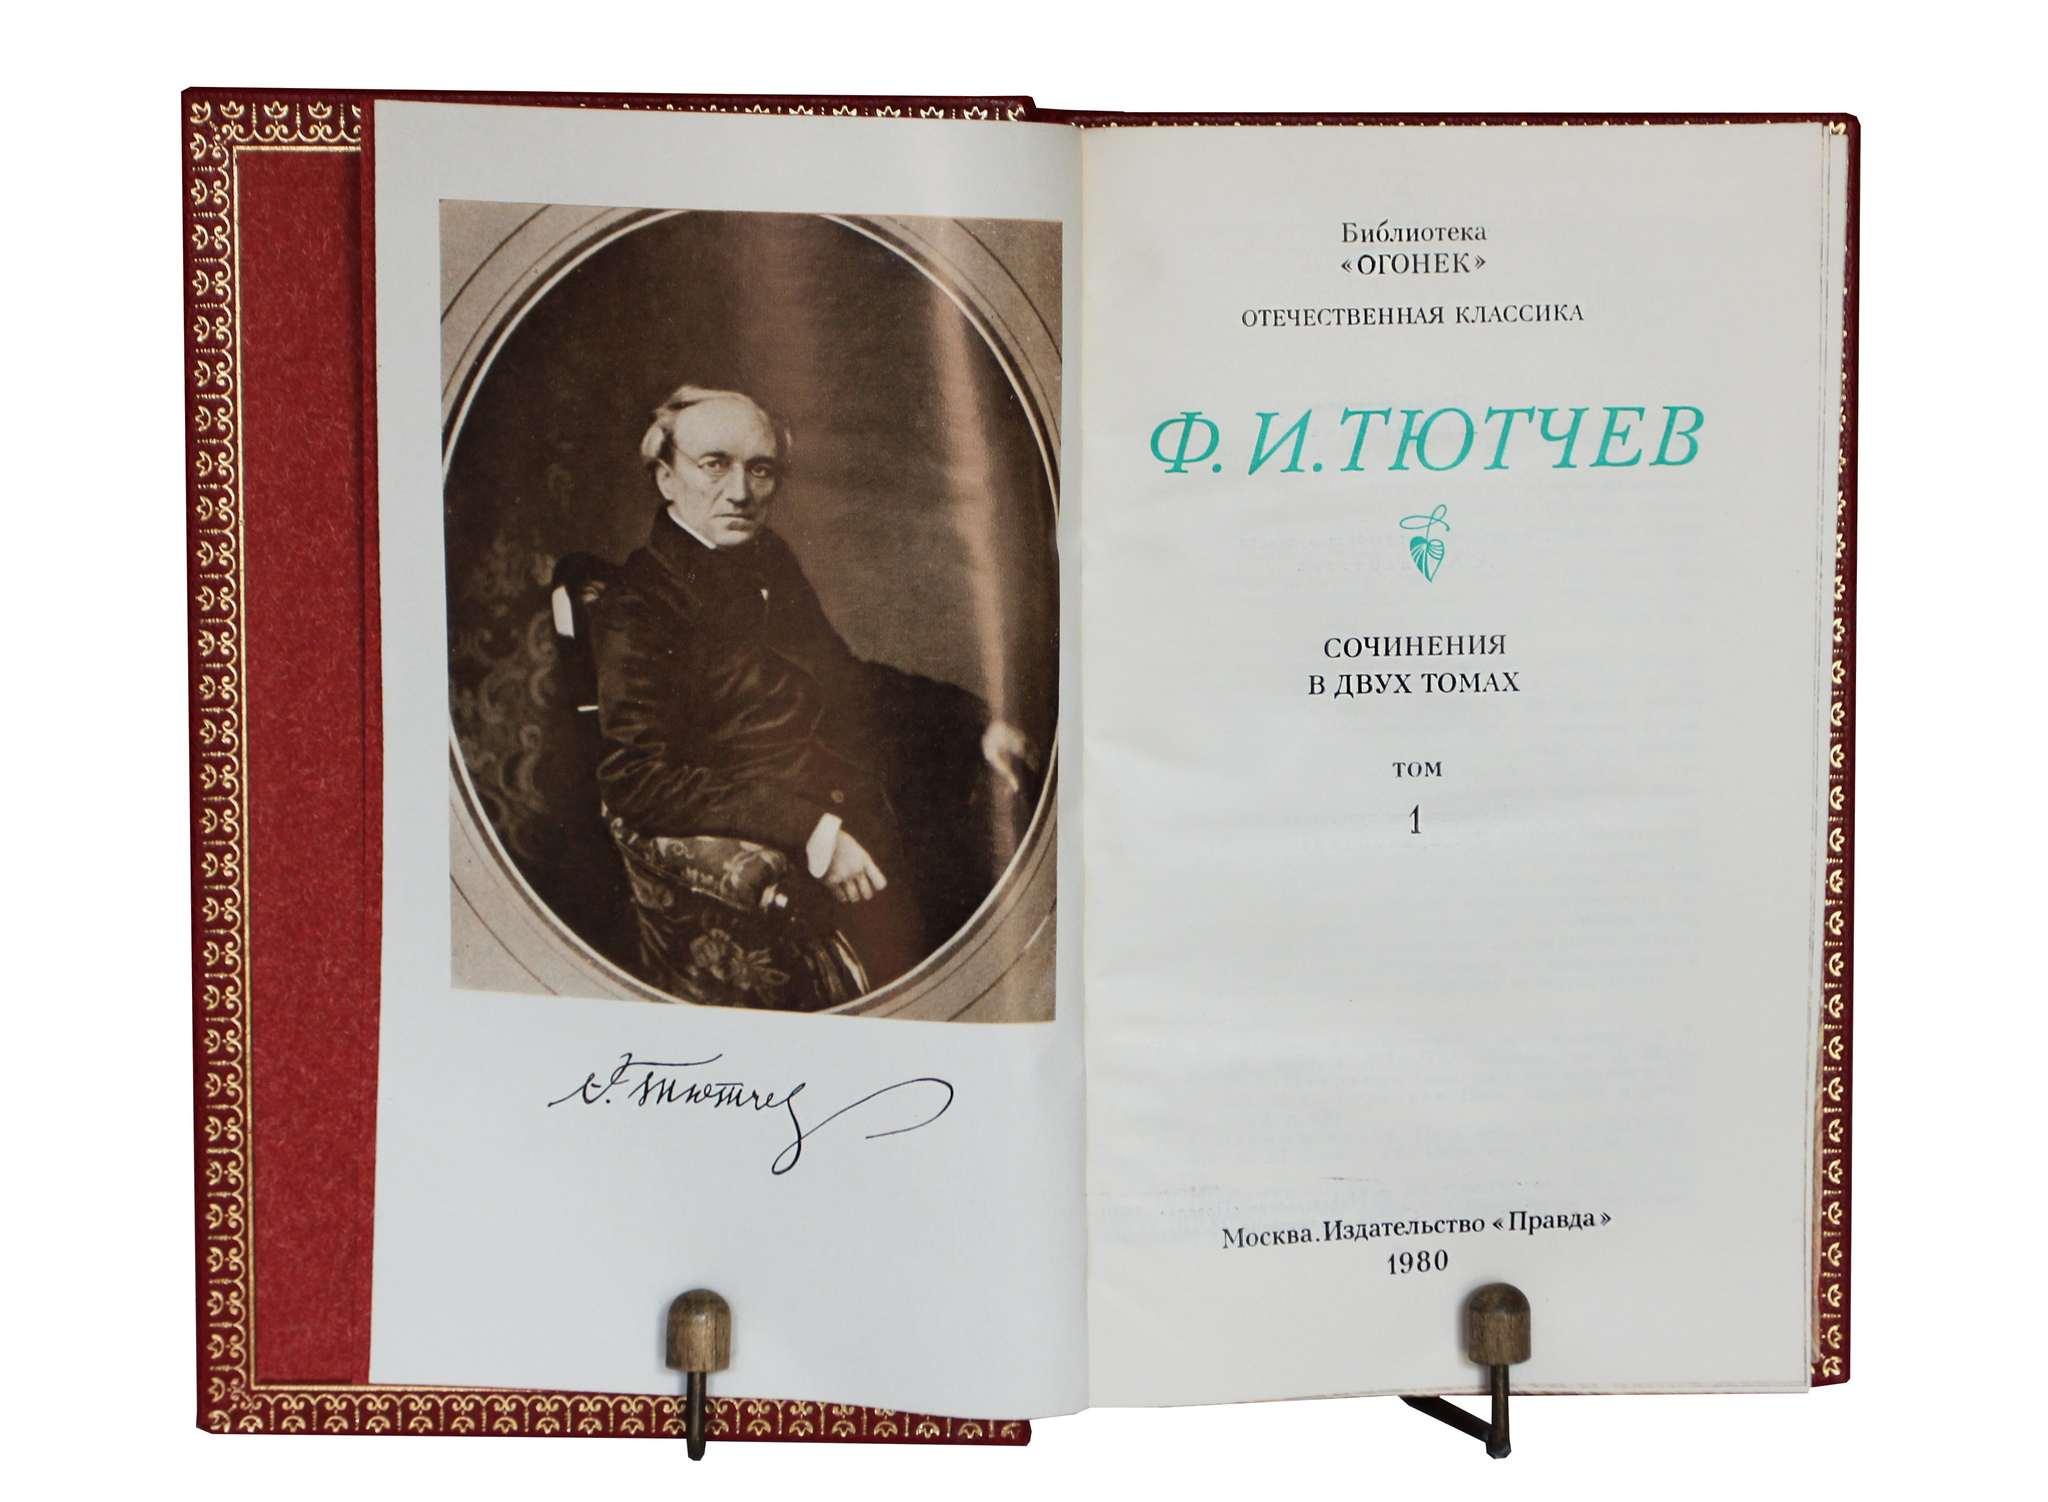 Тютчев Ф.И. Собрание сочинений в 2 томах